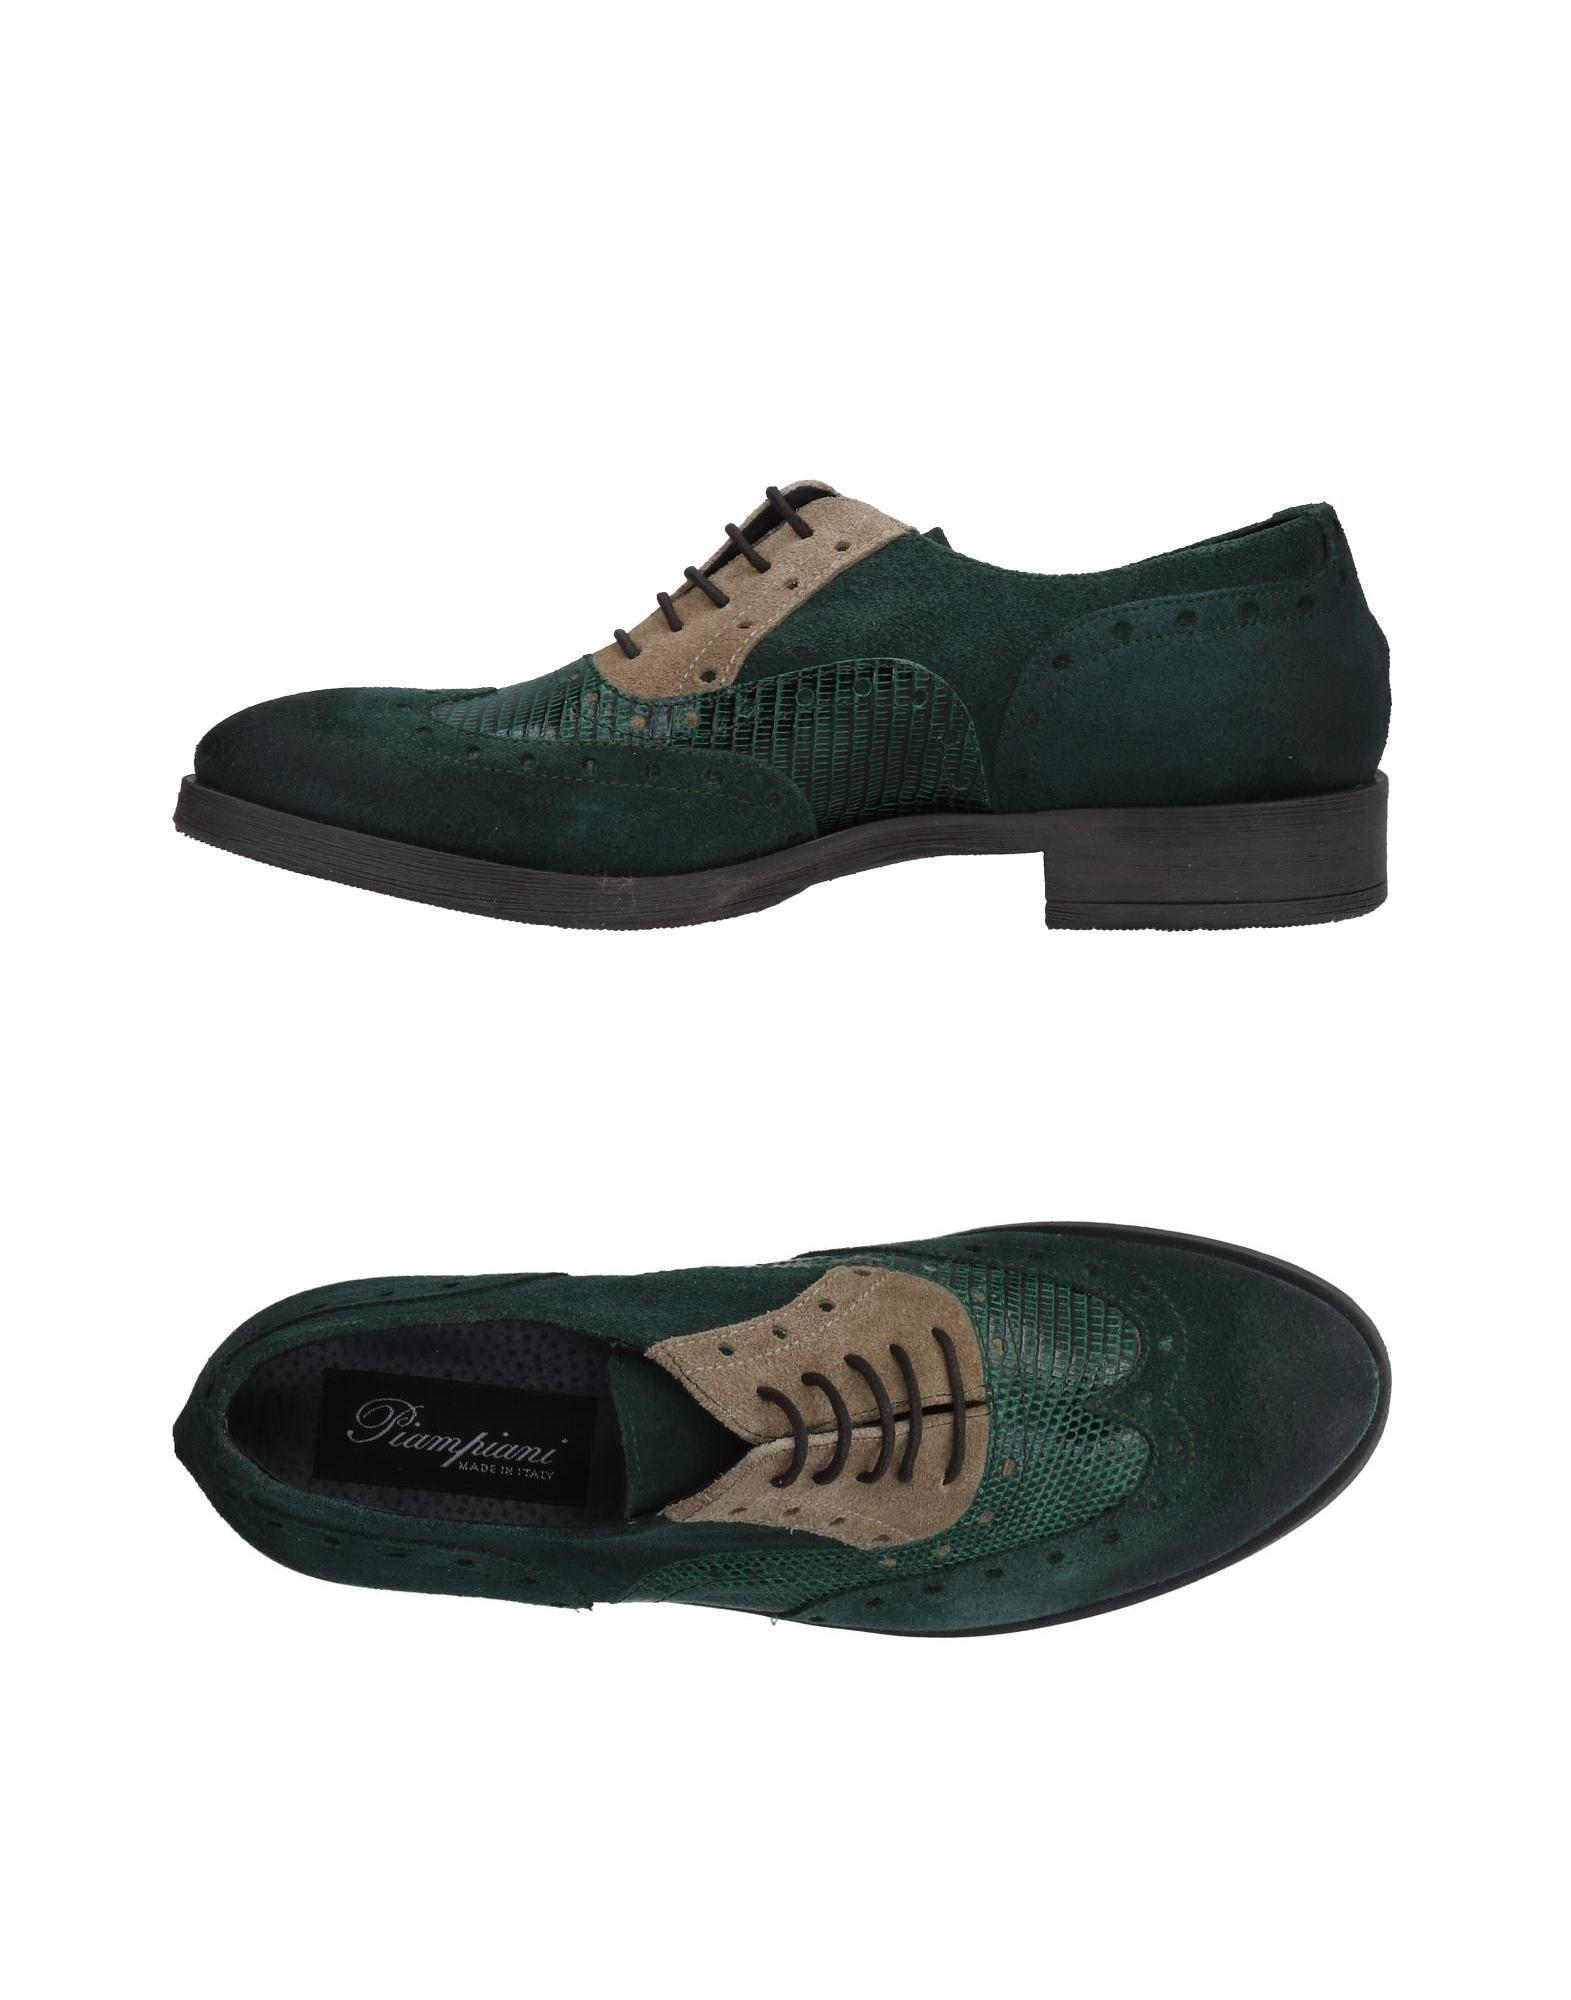 Nuevos zapatos para hombres y mujeres, descuento por por descuento tiempo limitado Zapato De Cordones Piampiani Mujer - Zapatos De Cordones Piampiani  Verde 9ab105